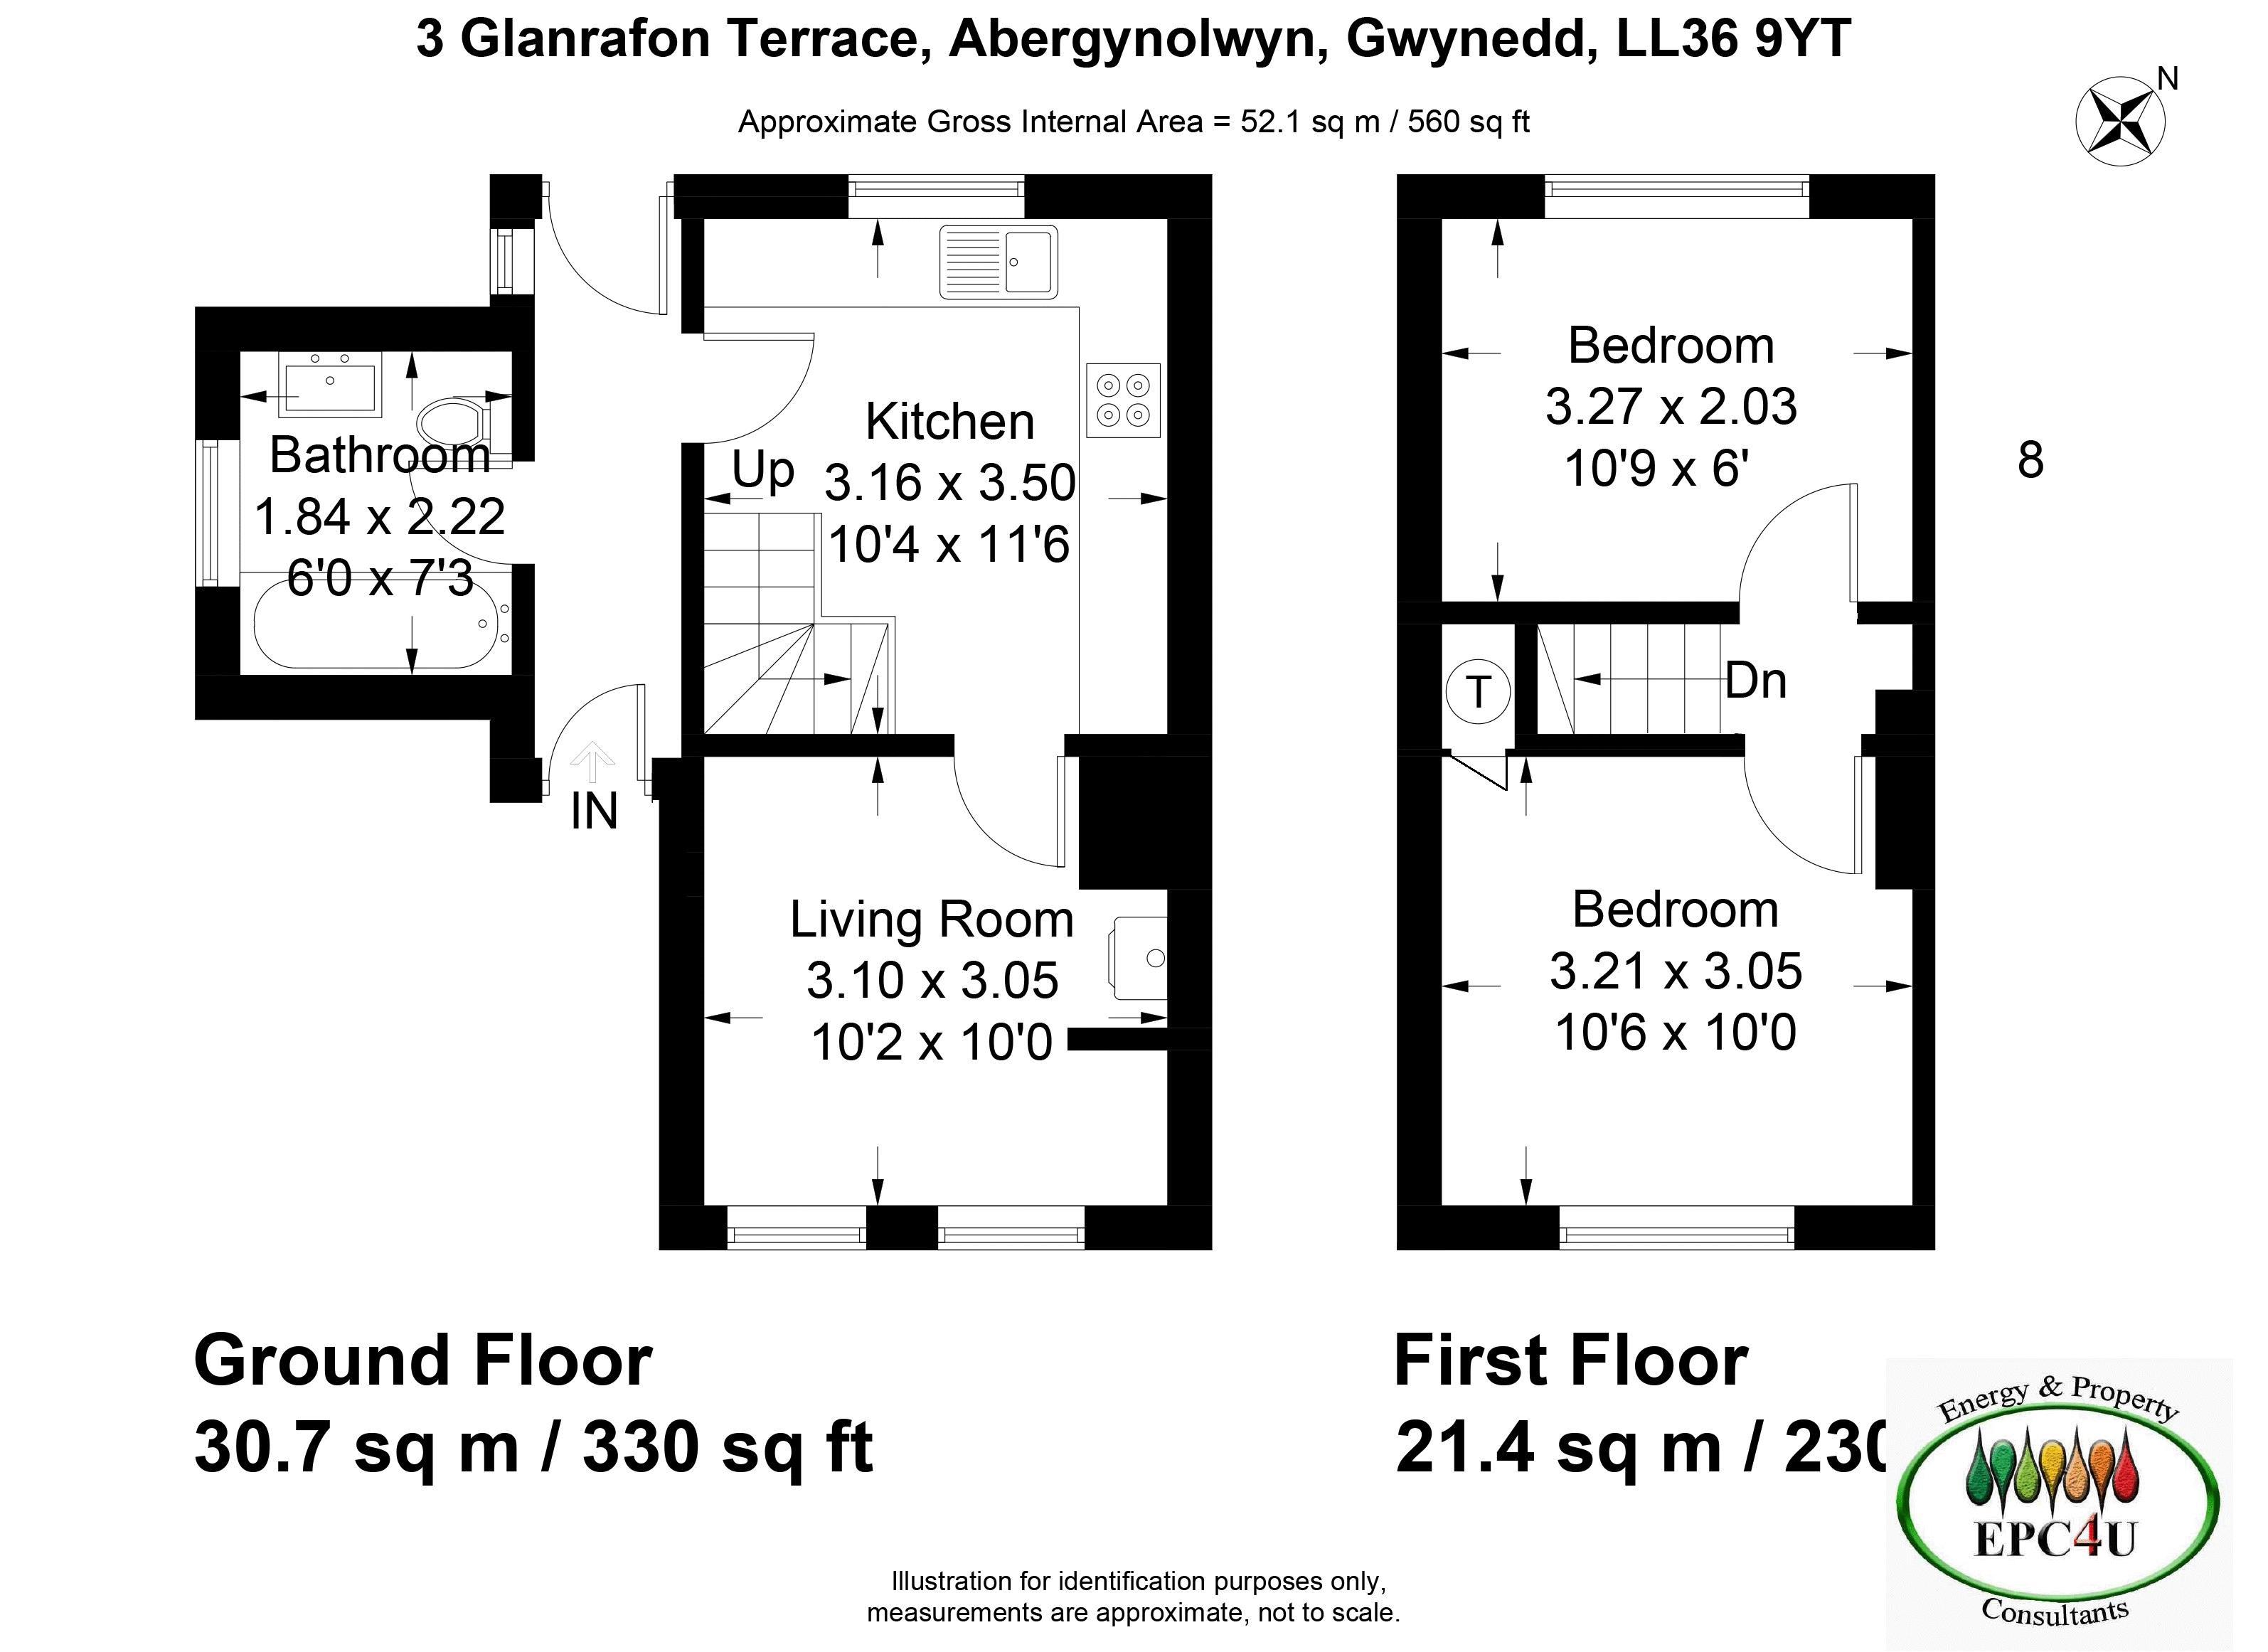 Glanrafon Terrace Abergynolwyn